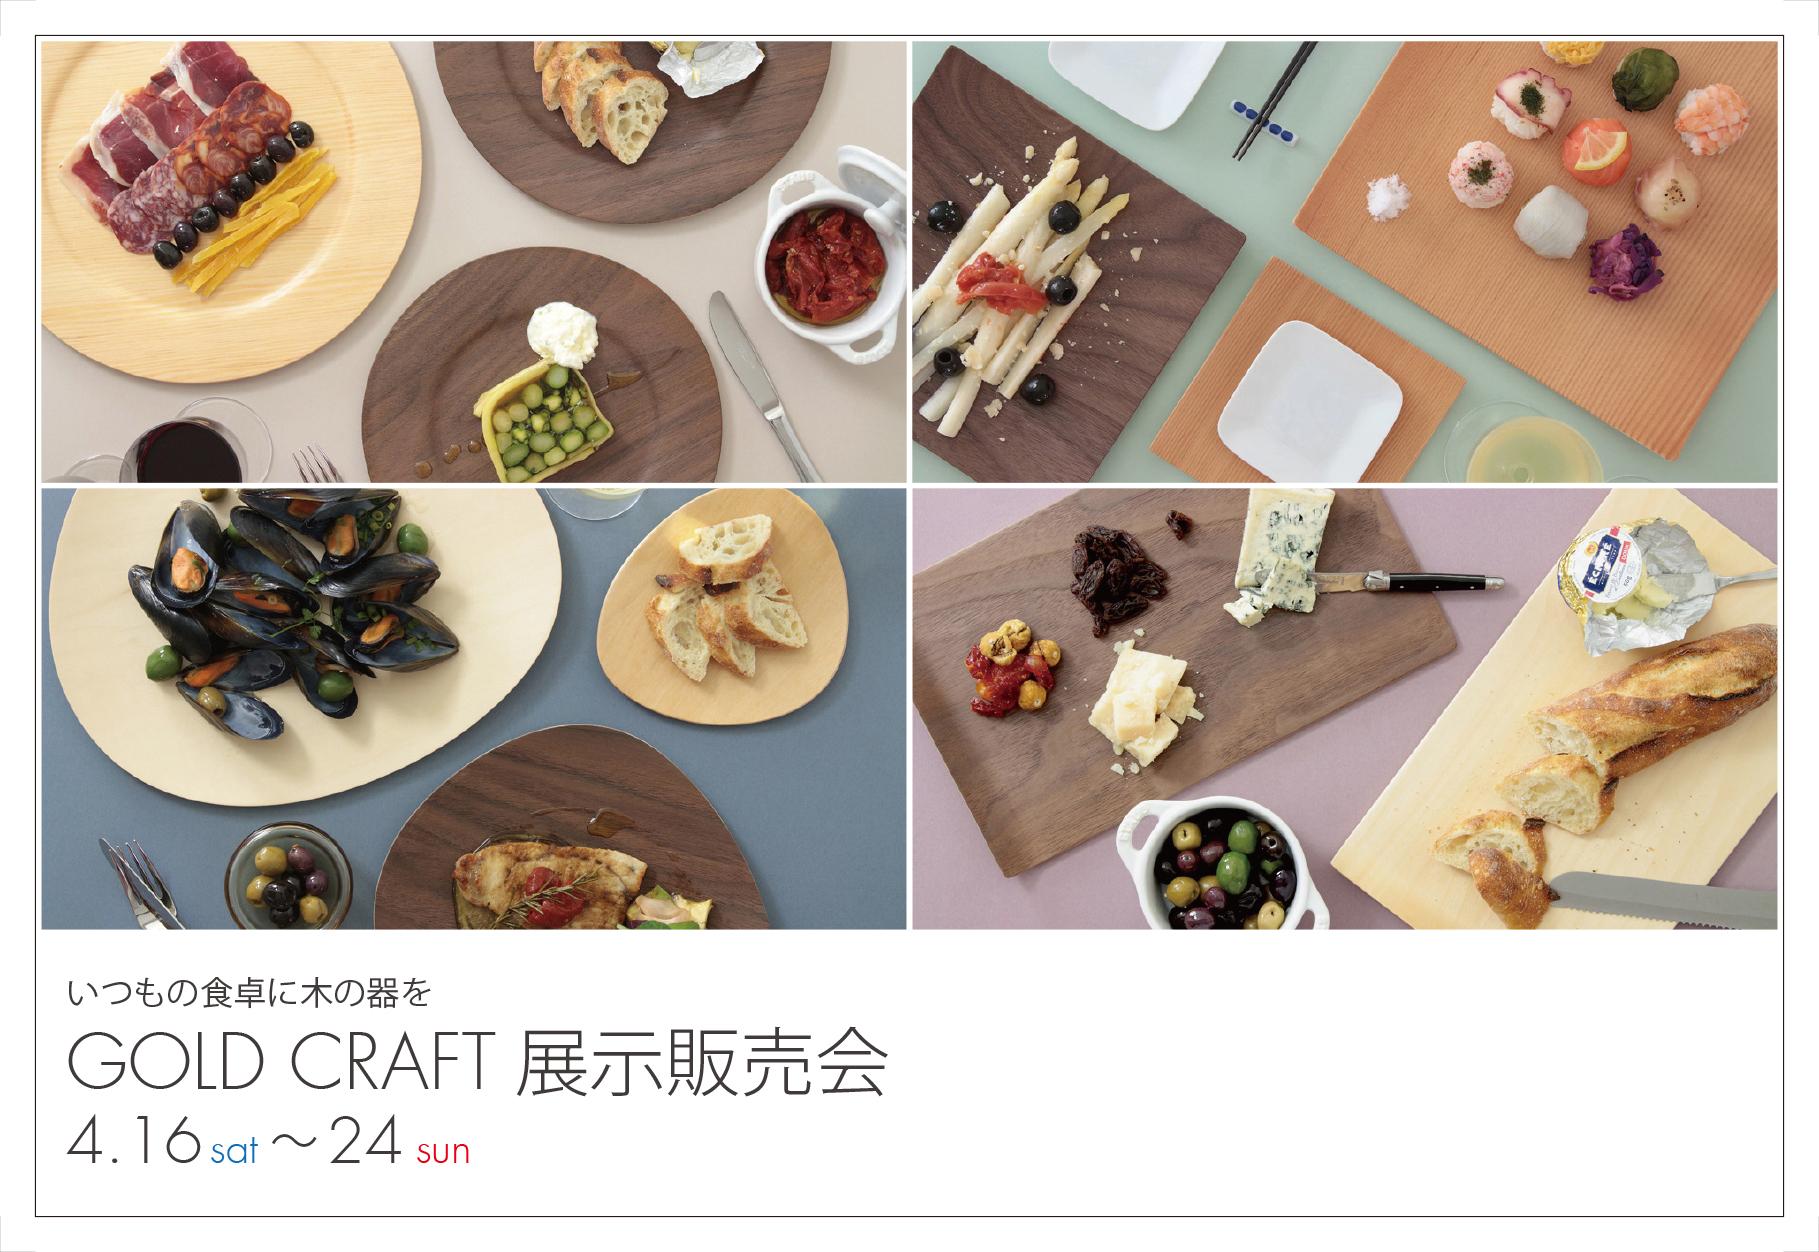 「イル・ドーノ千歳」〜「GOLD CLAFT展示販売会」